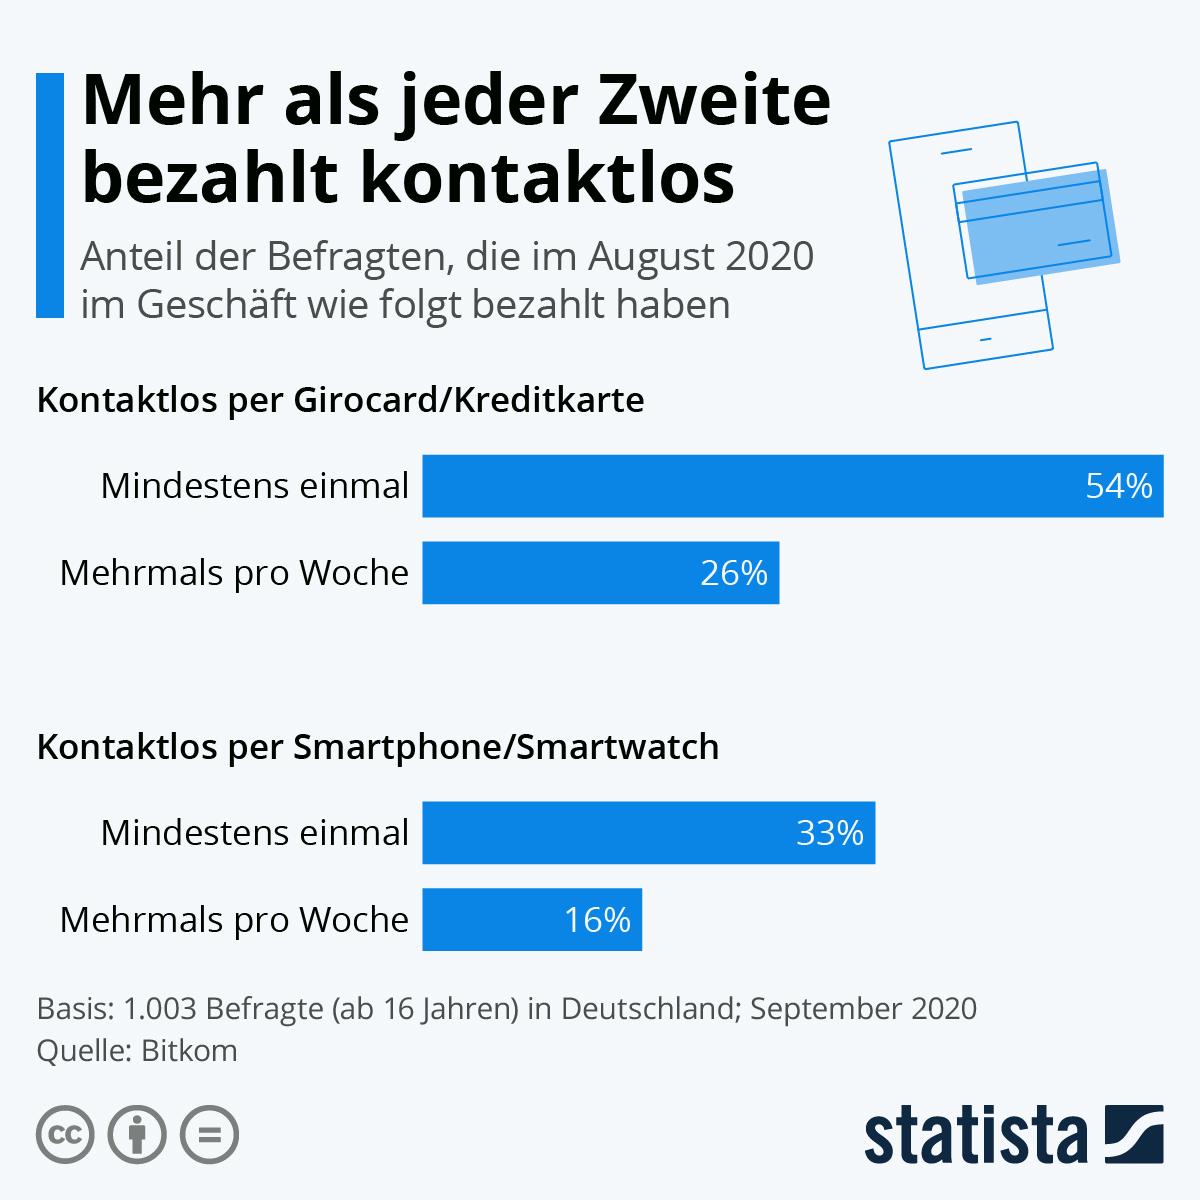 Infografik: Mehr als jeder Zweite bezahlt kontaktlos | Statista